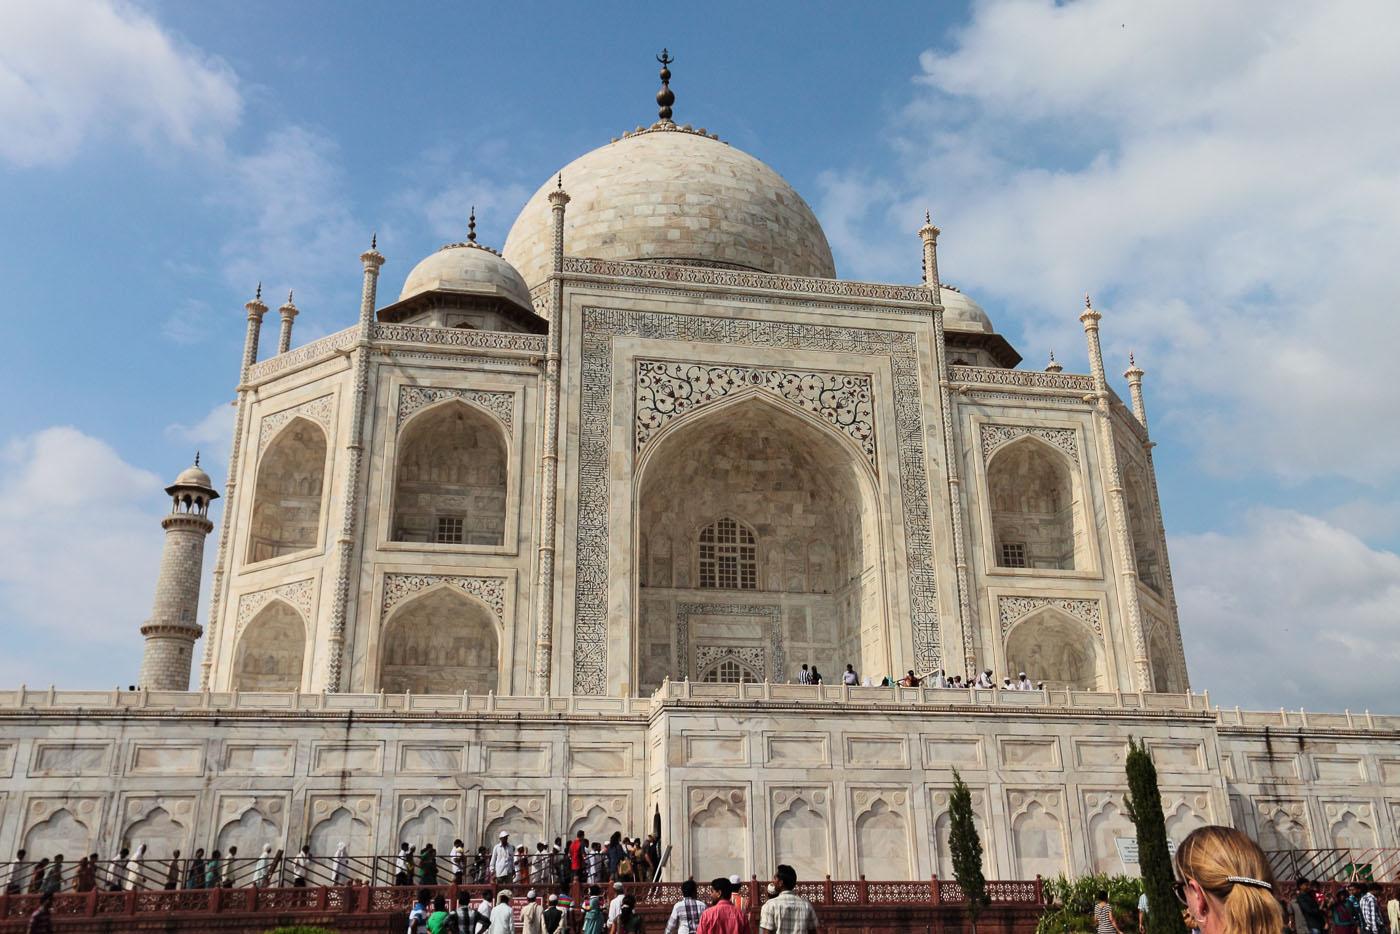 Фото 14. Мавзолей-мечеть Тадж Махал в городе Агра. Отзывы туристов об отдыхе в Индии